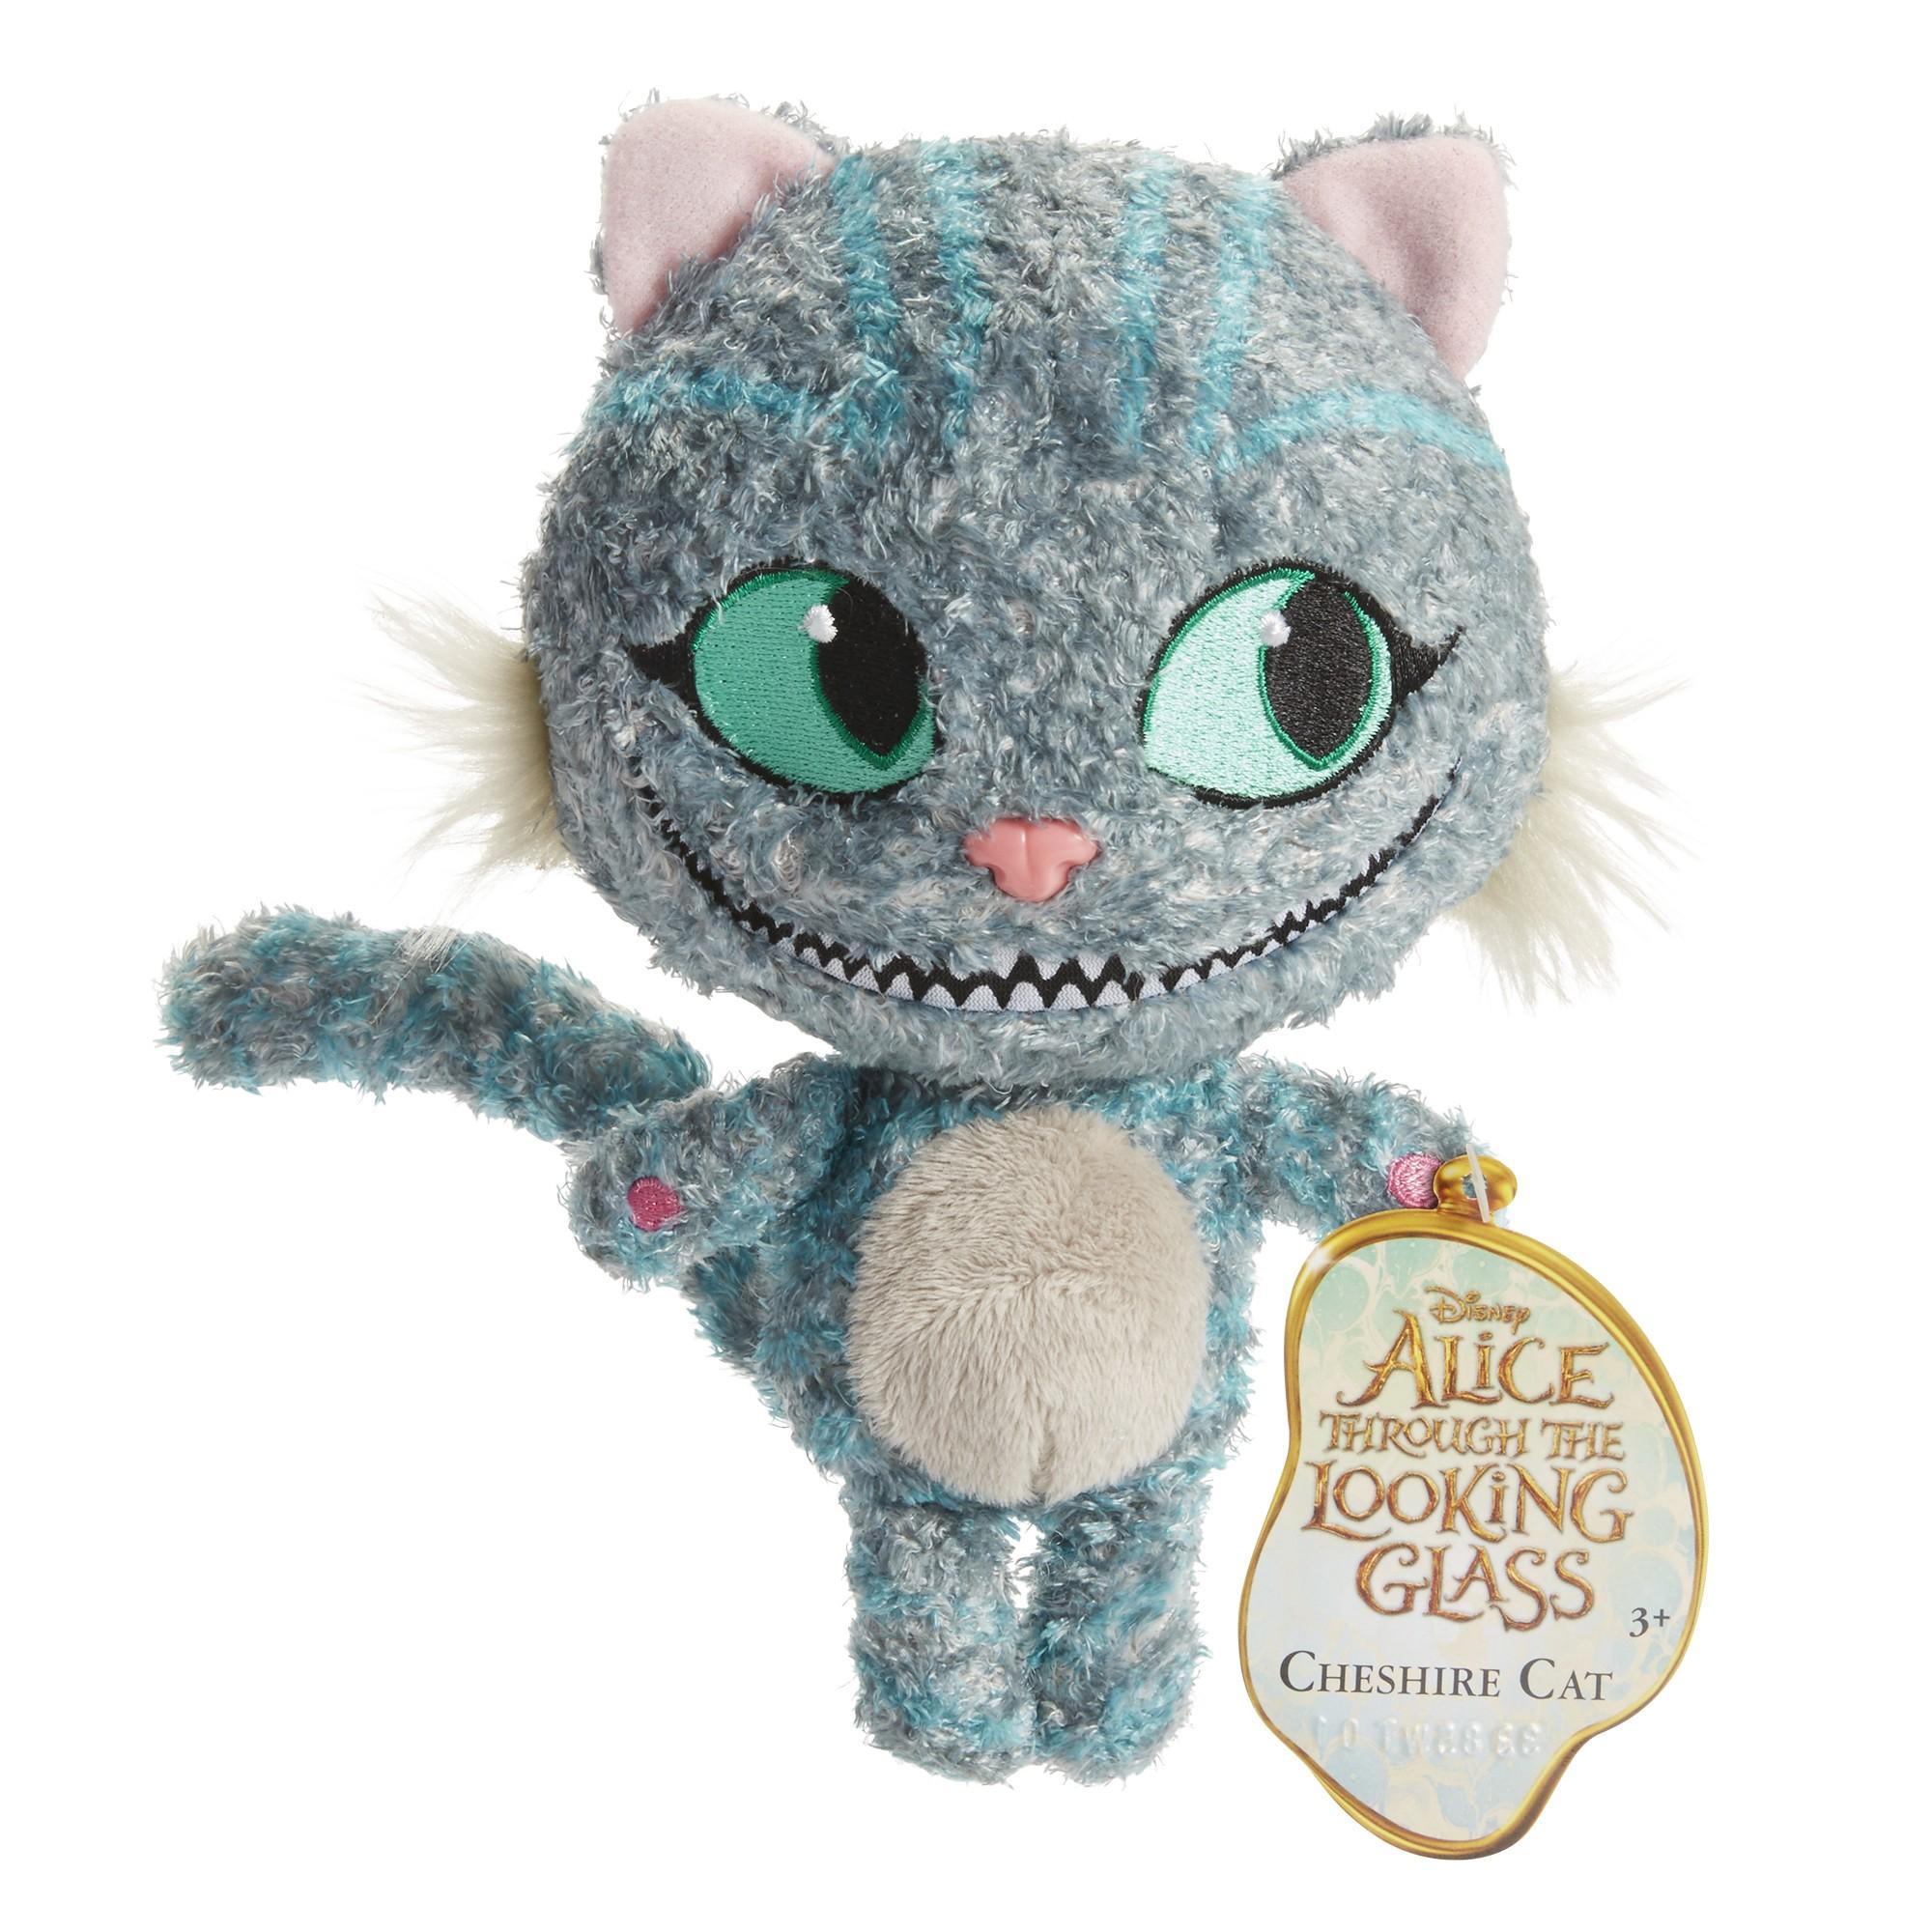 Плюшевая игрушка Алиса в стране чудес – Чеширский Кот - Коты, артикул: 156913